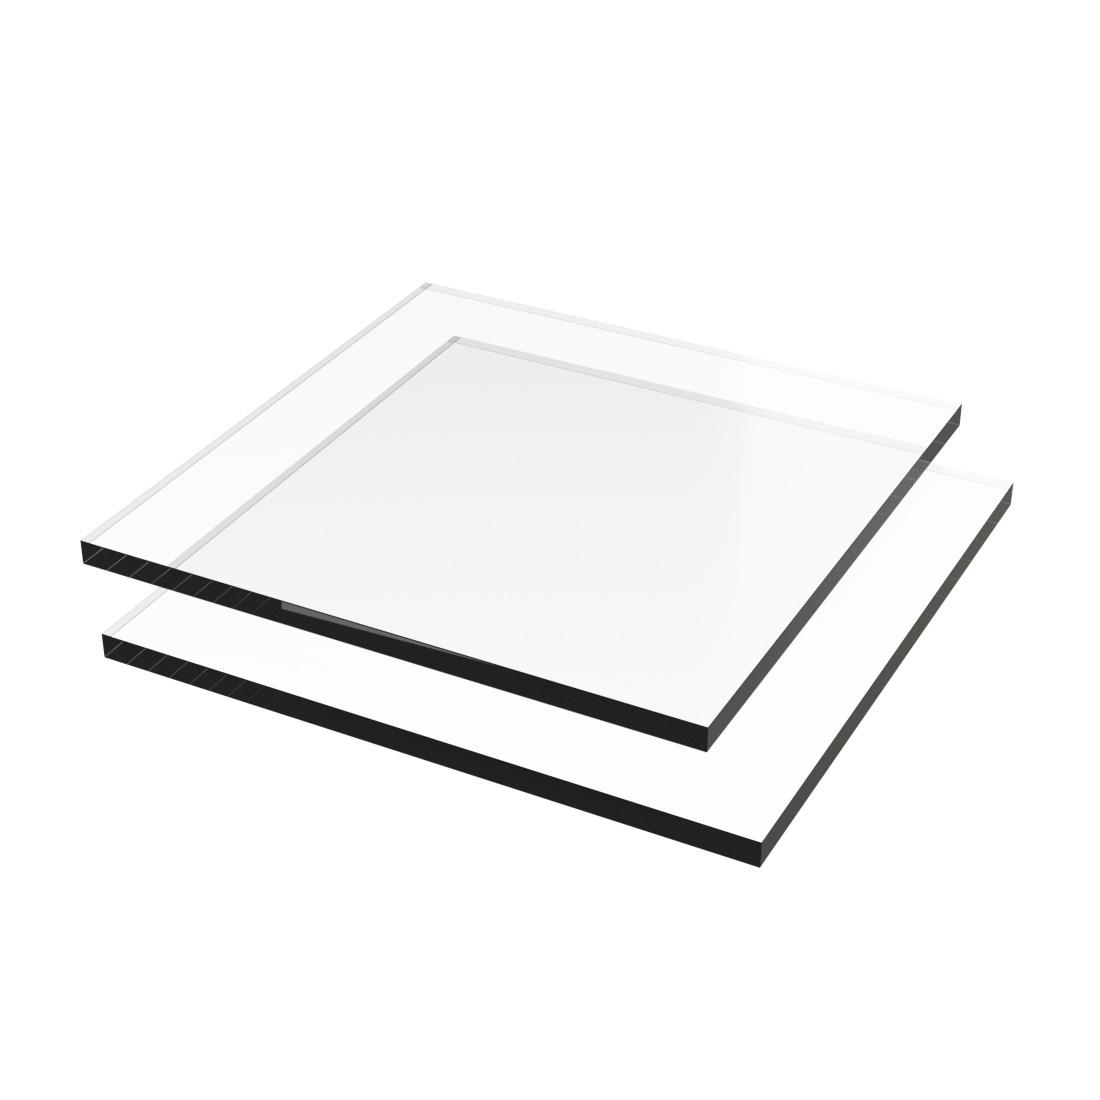 Vikuglass PMMA Plaat XT Helder P200 10000 3050x2050x1,5mm